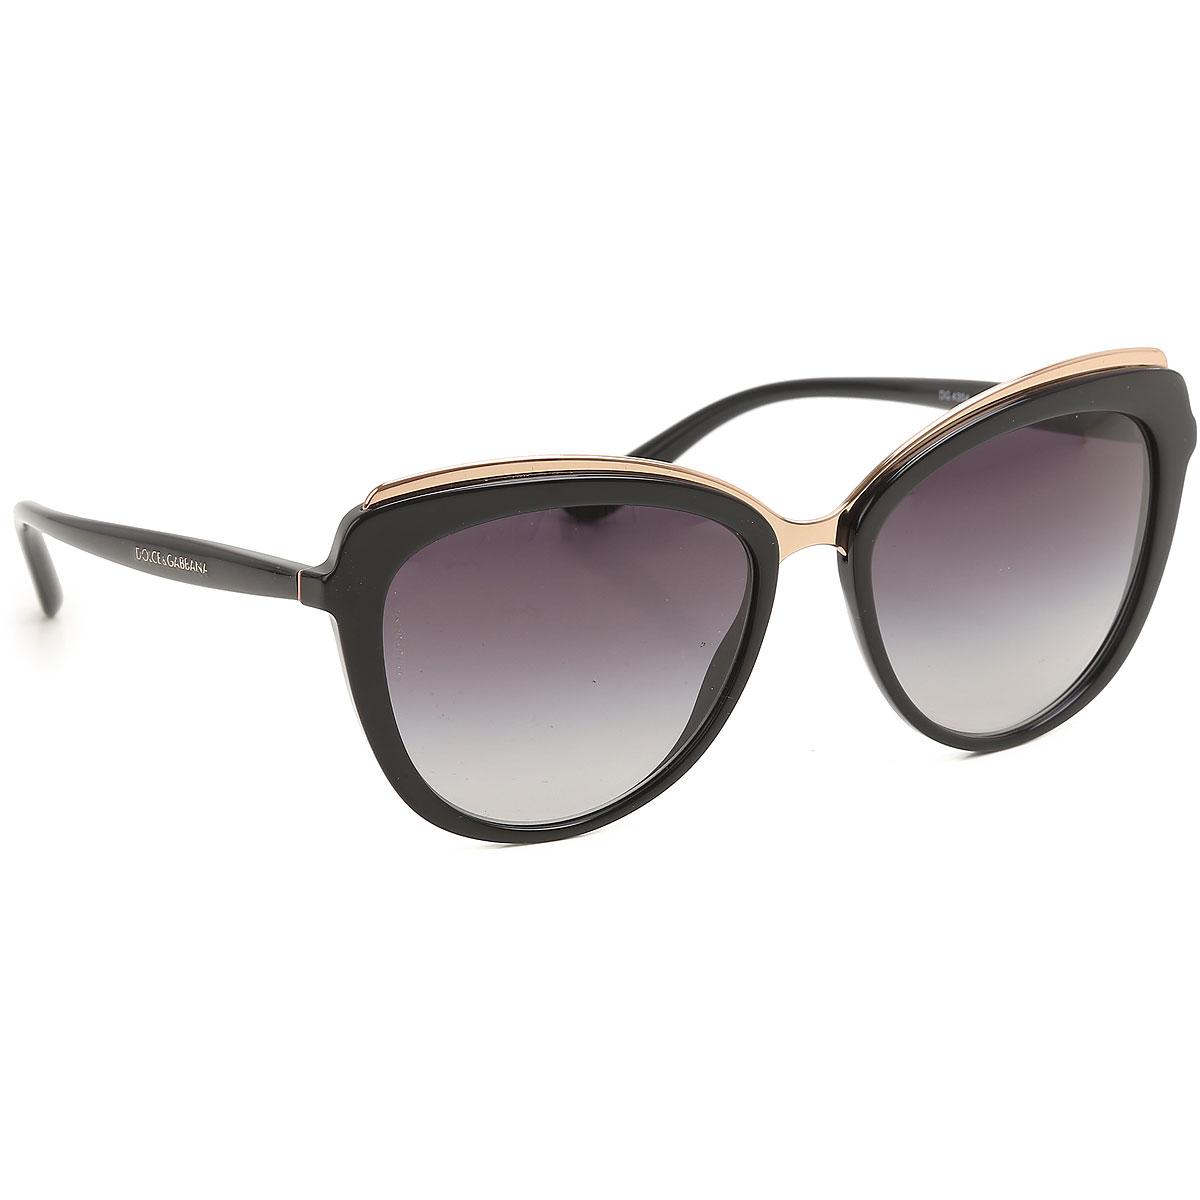 Dolce&Gabbana DG4304 3084/F9 Sonnenbrille OhVFkB